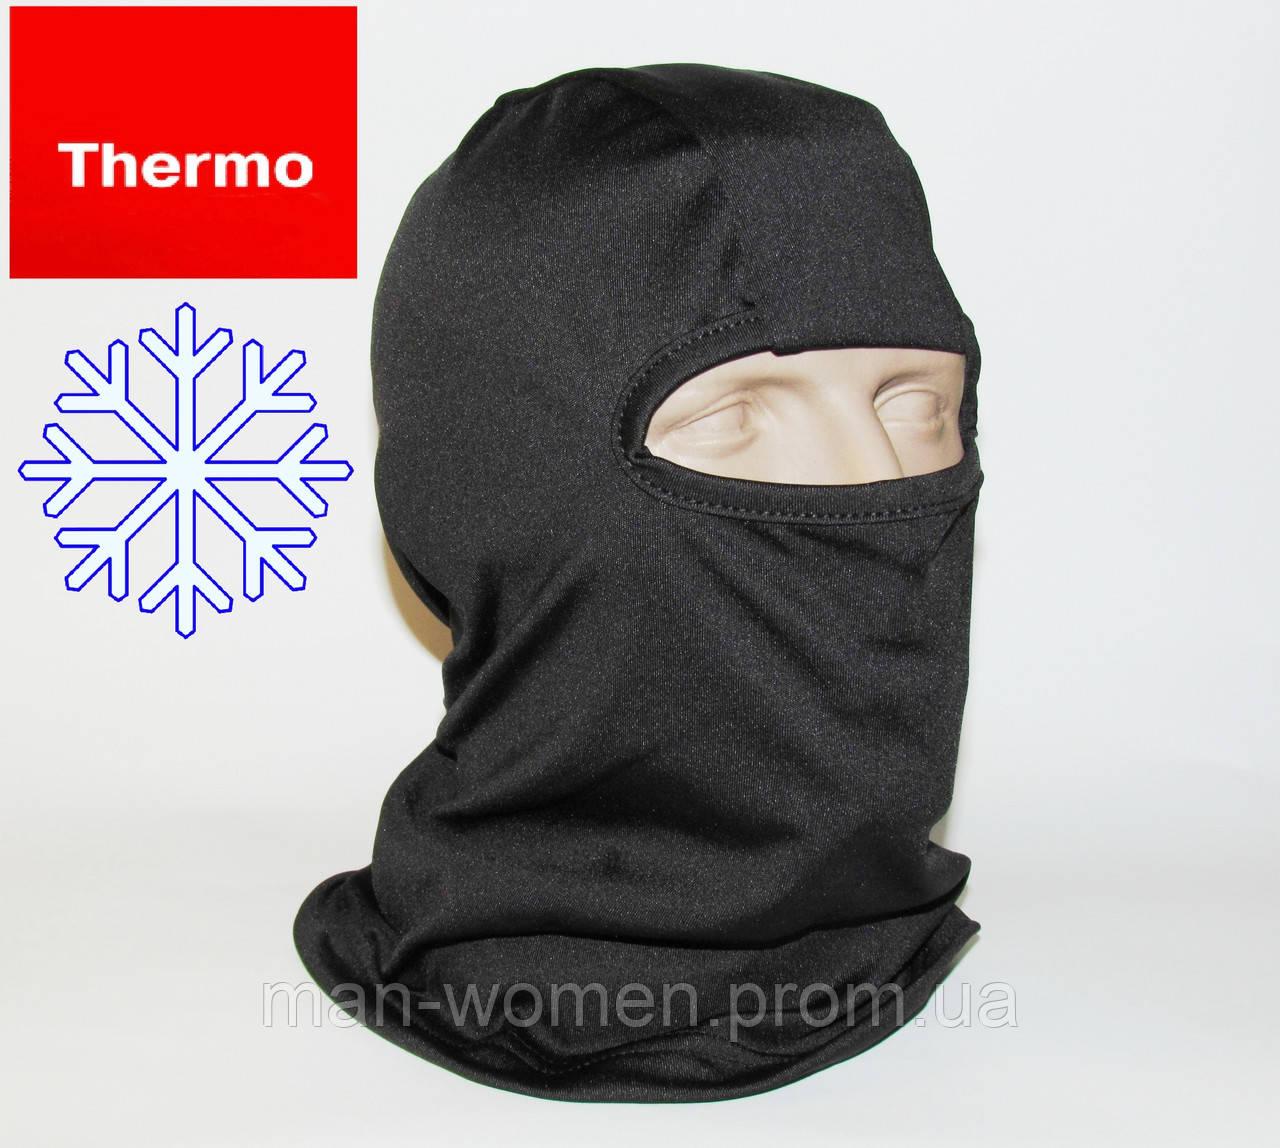 Балаклава (подшлемник). Тёплая! На флисе. Зима!